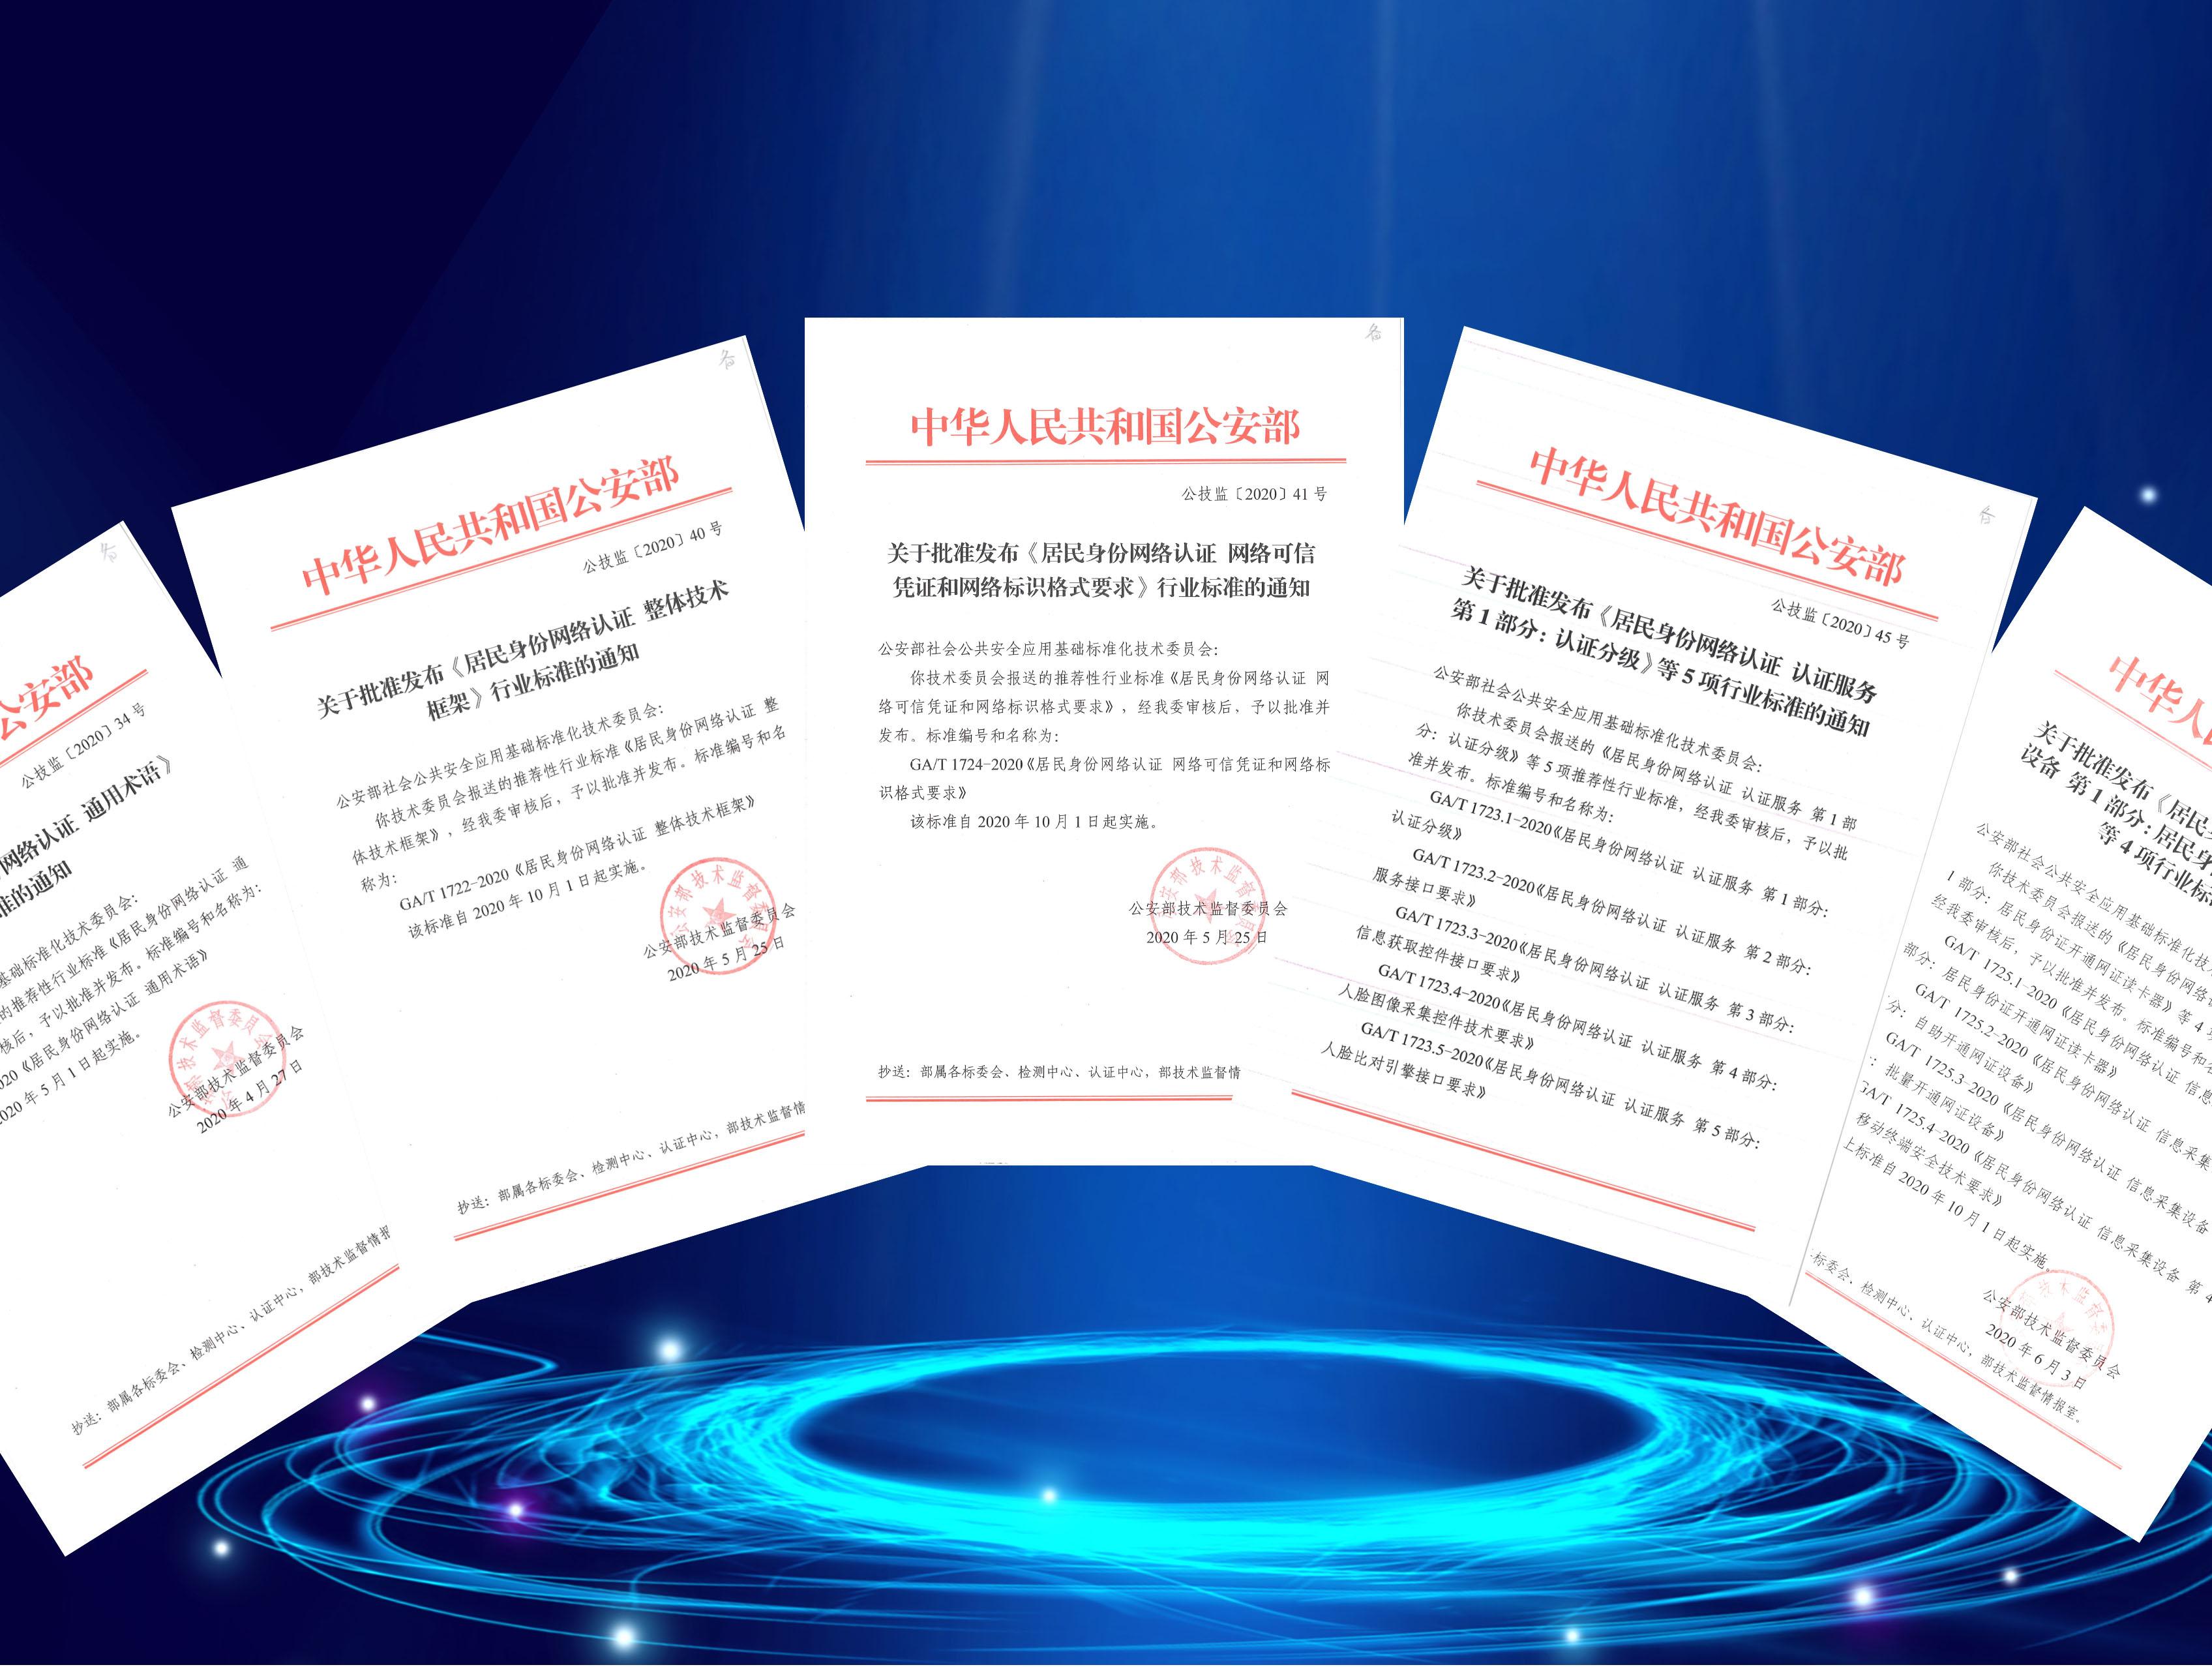 公安部正式发布《居民身份网络认证 整体技术框架》等系列标准